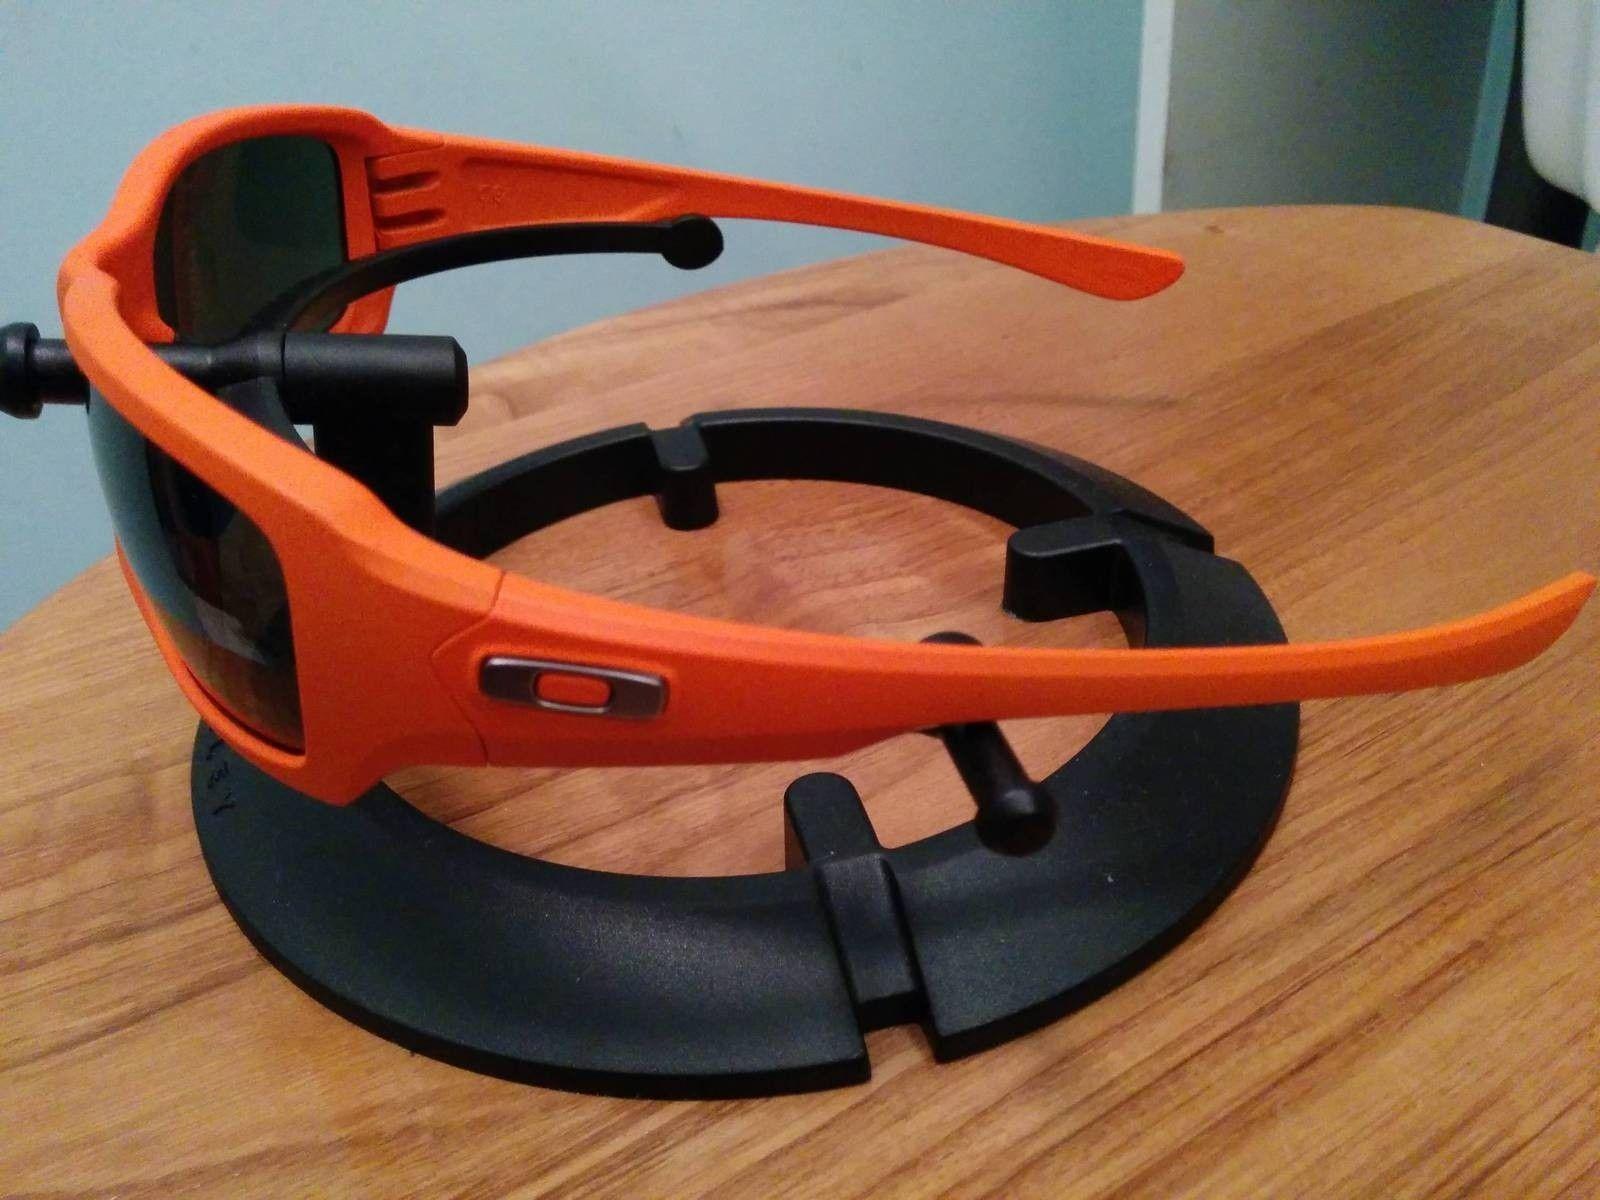 Safety Orange Cerakote Fives Squared/Grey Lens - oeBfK8l.jpg